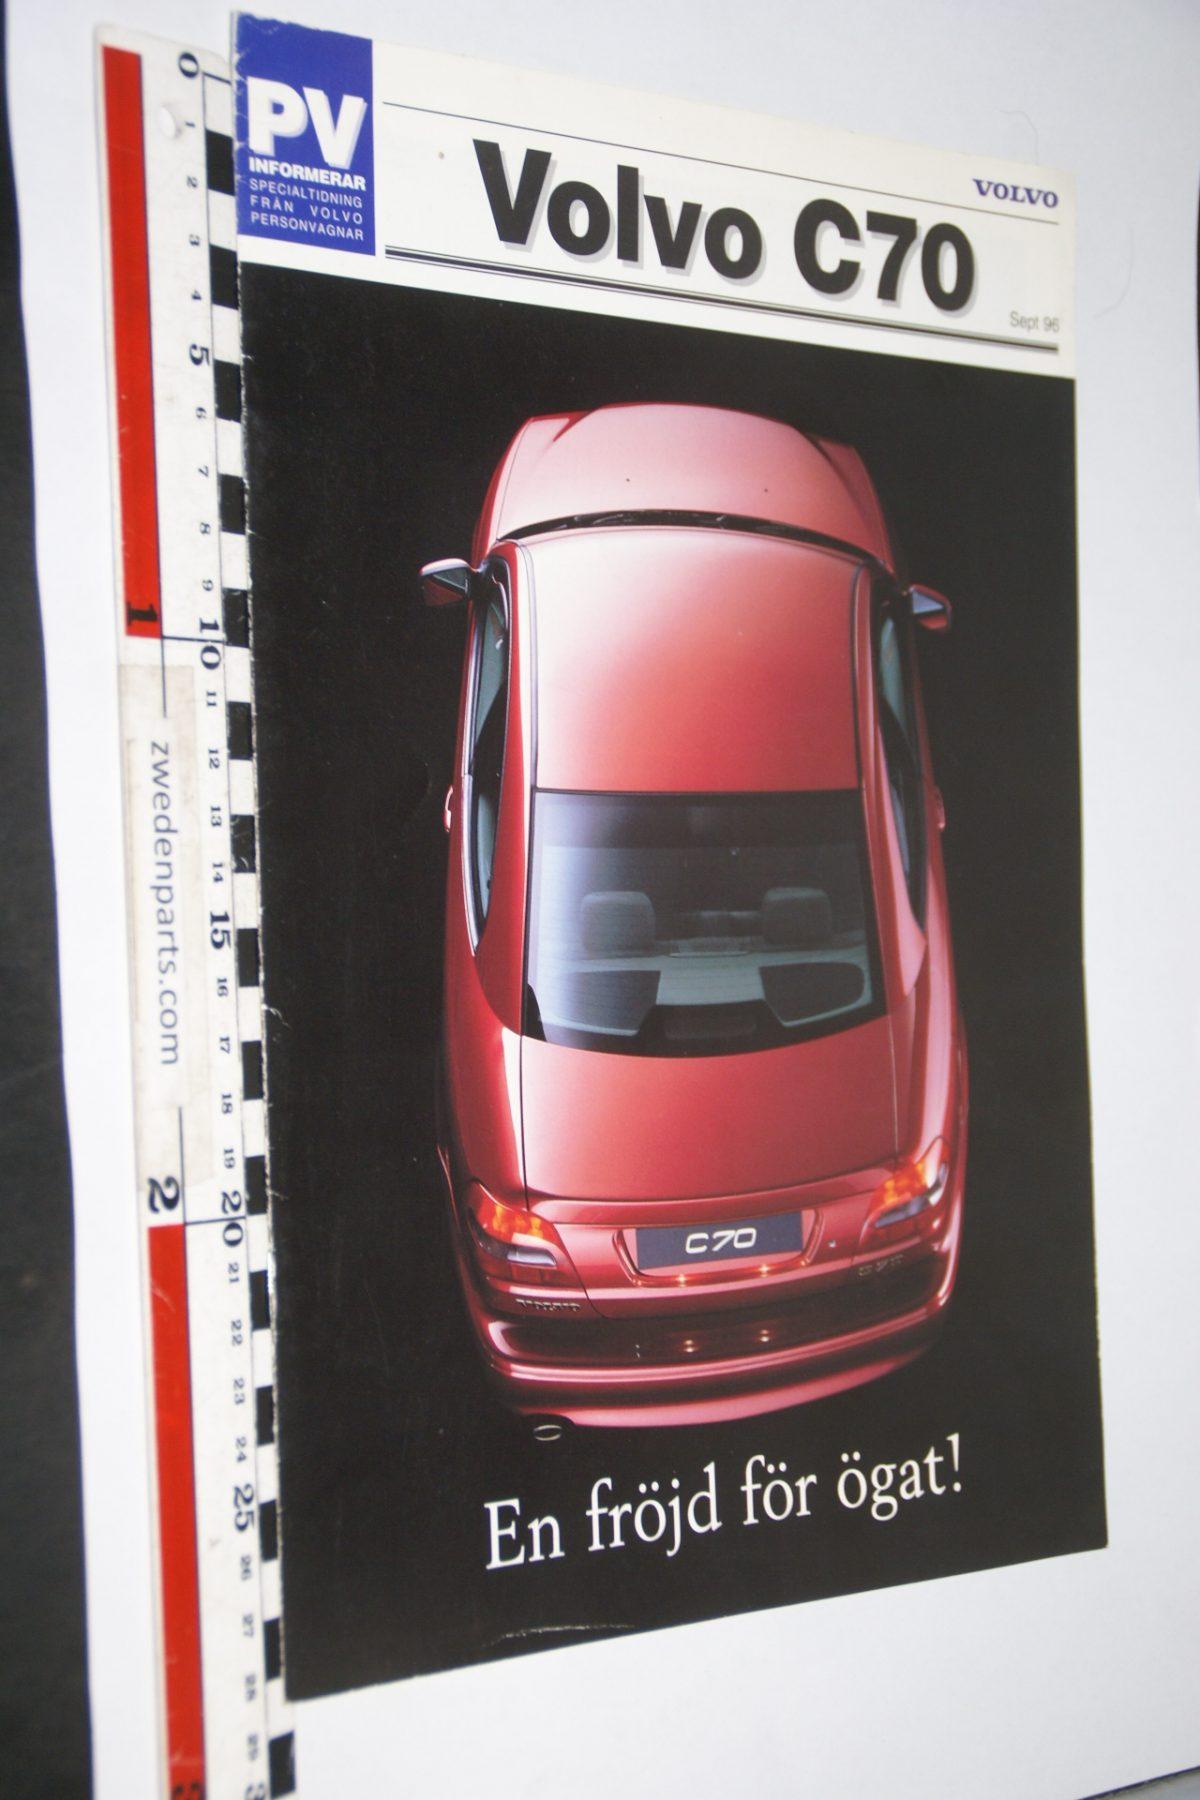 DSC06304 1996 brochure Volvo C70 nr PRPV 968001, Svenskt